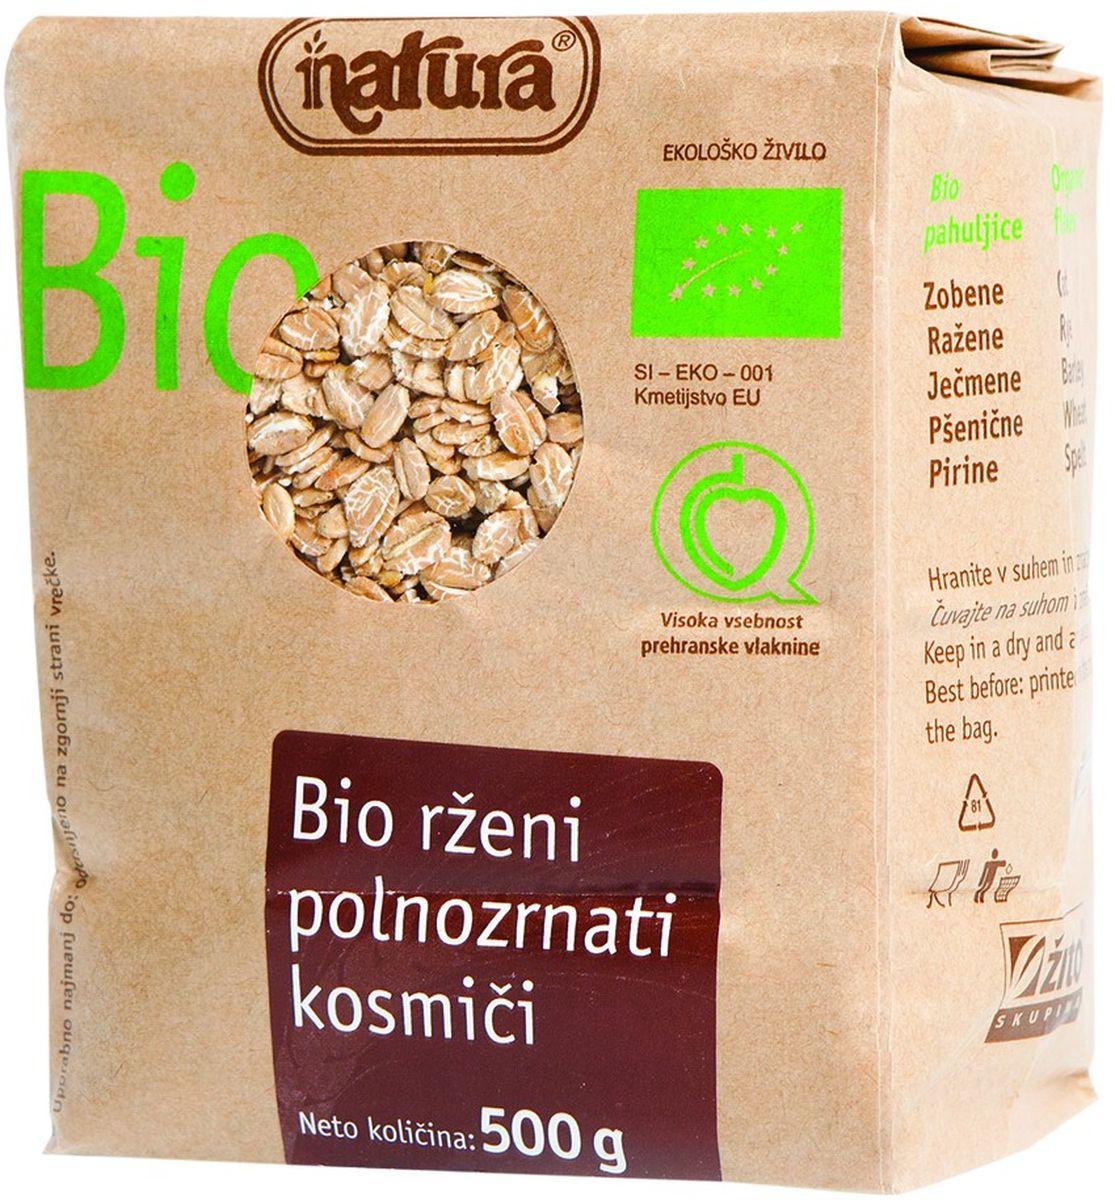 Рожь – это злак родом из северной Европы. Он хорошо адаптируется и к регионам, менее подходящим для выращивания пшеницы. Мы предлагаем вам все полезные свойства ржаных зерен в форме биологически произведенных ржаных хлопьев. Органические продукты Natura имеют маркировку в соответствии с законодательством и европейскую экологическую маркировку сертифицированных органических продуктов питания, так как при их производстве не используются удобрения и распылители, запрещенные в органическом производстве и обработке. Органические продукты произведены под контролем SI – EKO – 001. Органические продукты Natura производятся в регионах, где природа пока еще живет своей жизнью. Они попадают на полки магазинов и на столы людей, выбирающих здоровое питание, в той же форме, в которой их создала природа: натуральными, питательными и здоровыми. Разнообразные натуральные зерна и семена обладают всеми свойствами злаков, полностью сохраняя, таким образом, свои полезные качества.